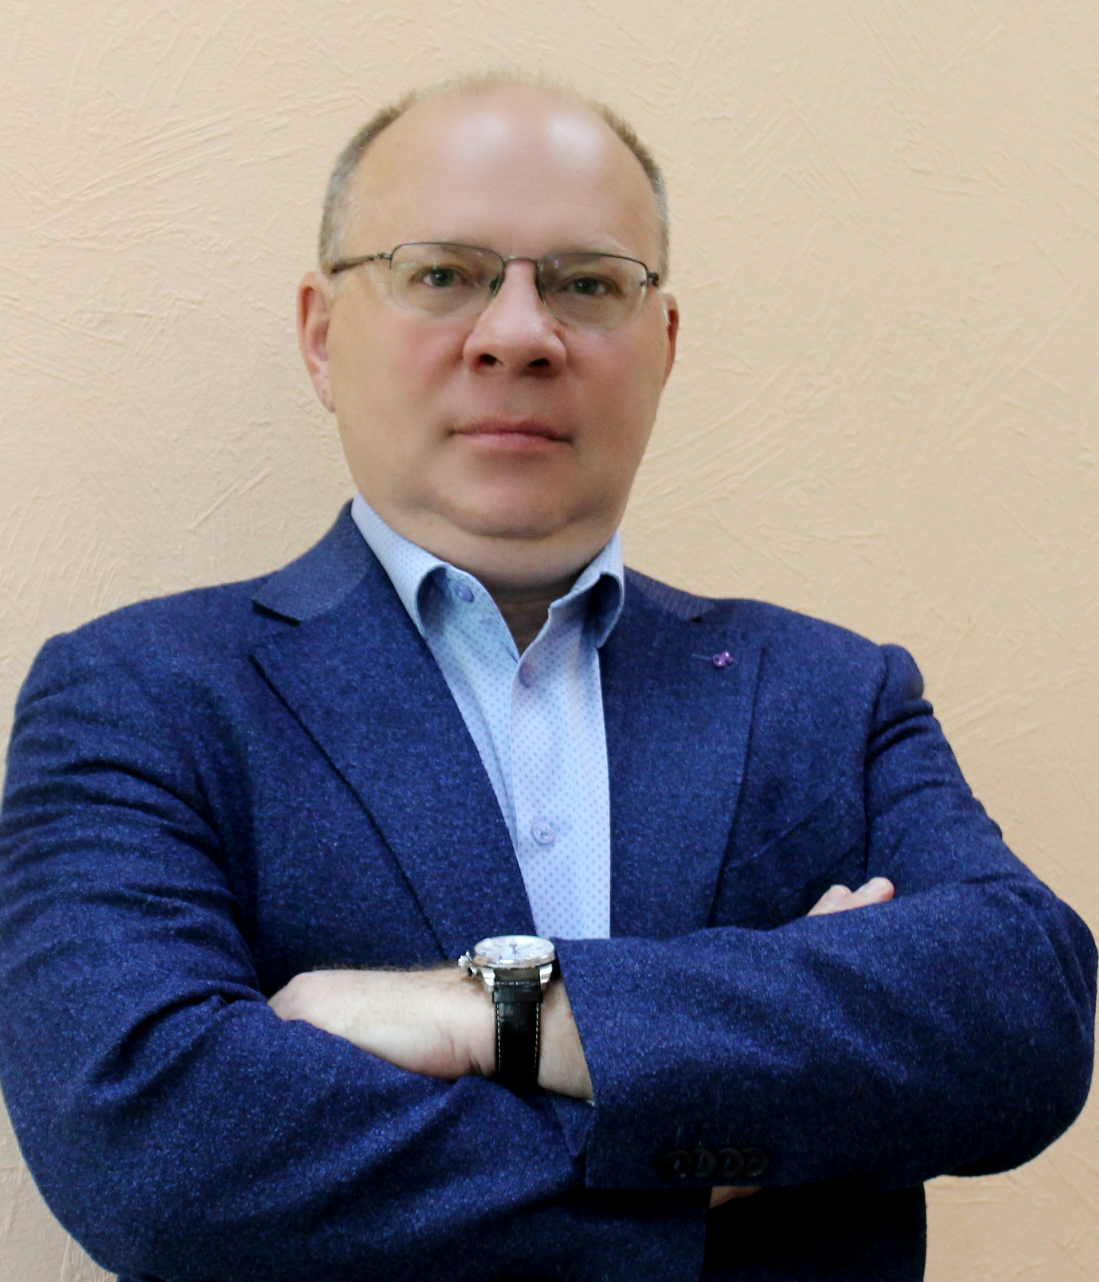 Шевяков Михаил Юрьевич Директор Фонда